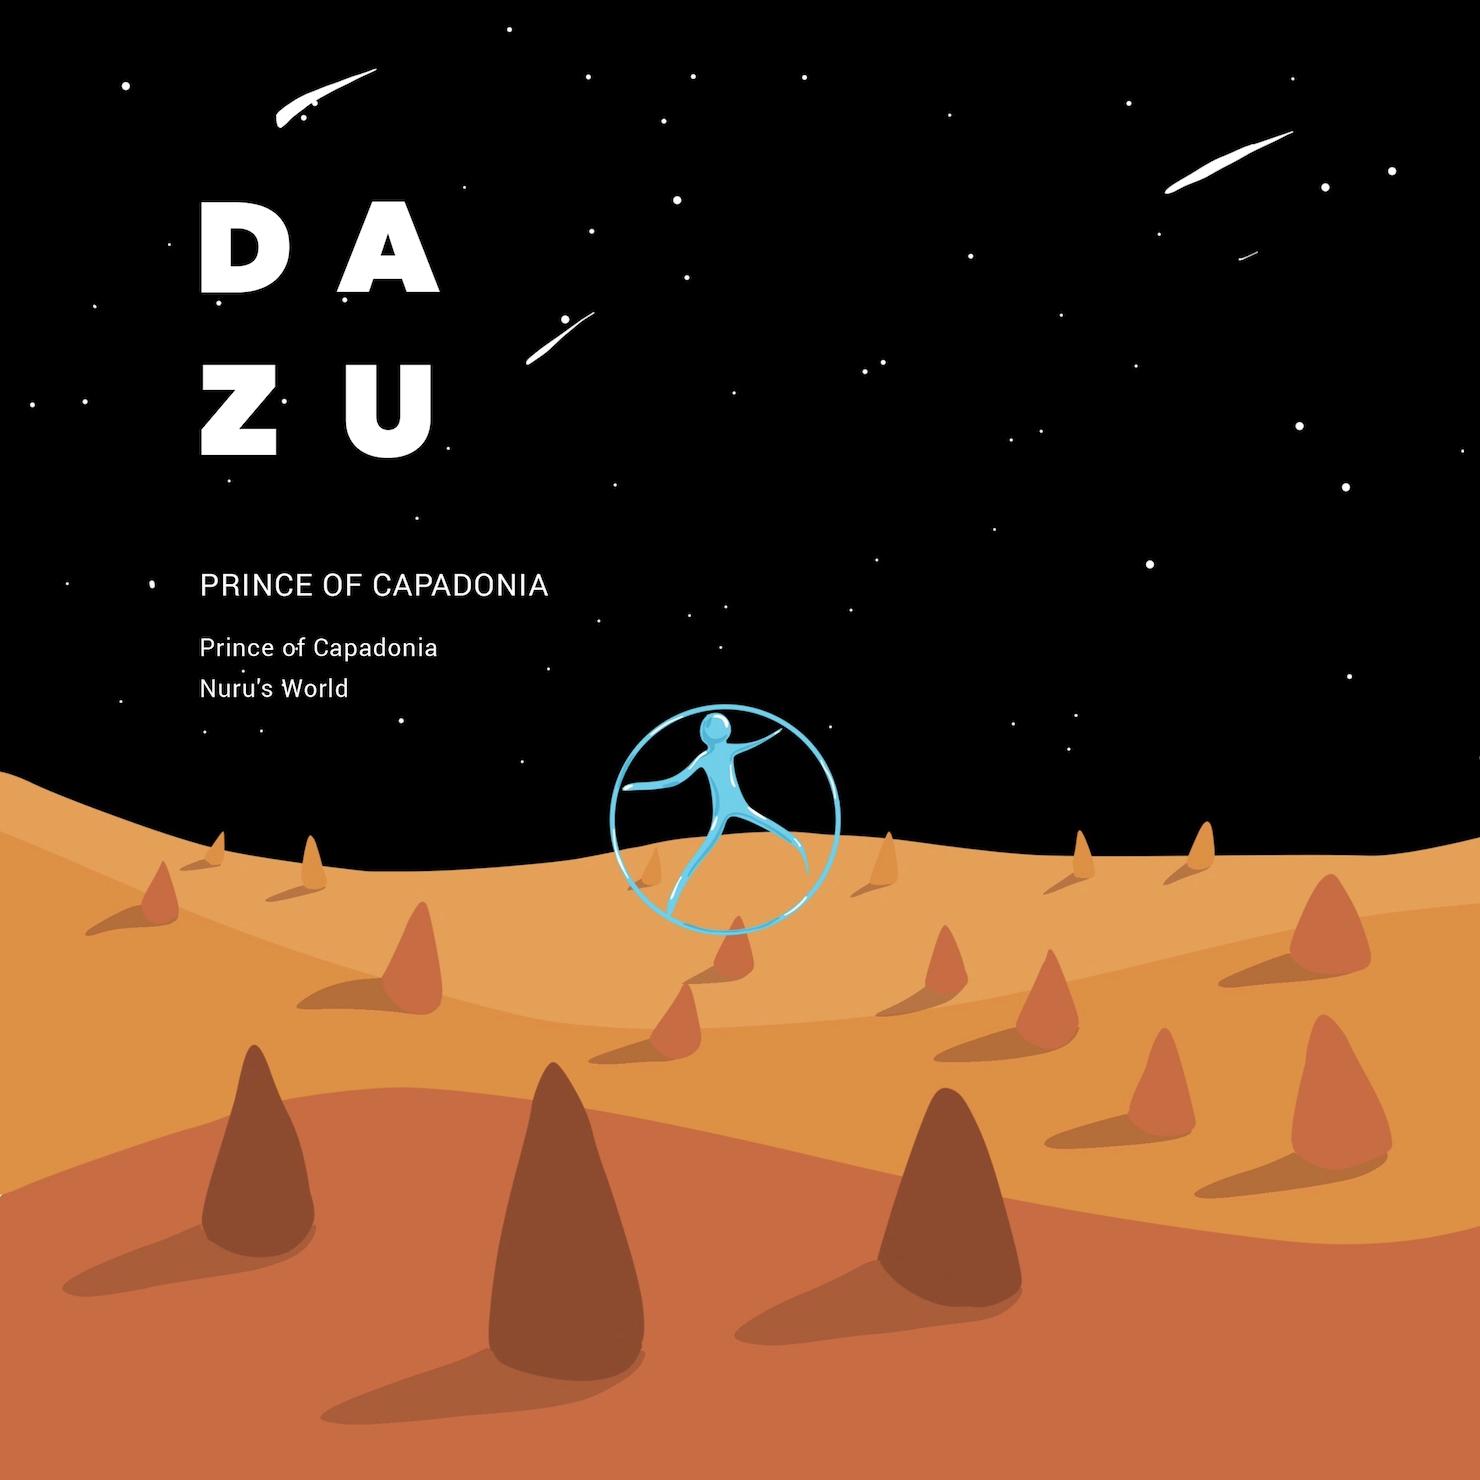 Dazu - Nuru\'s World (Original Mix)